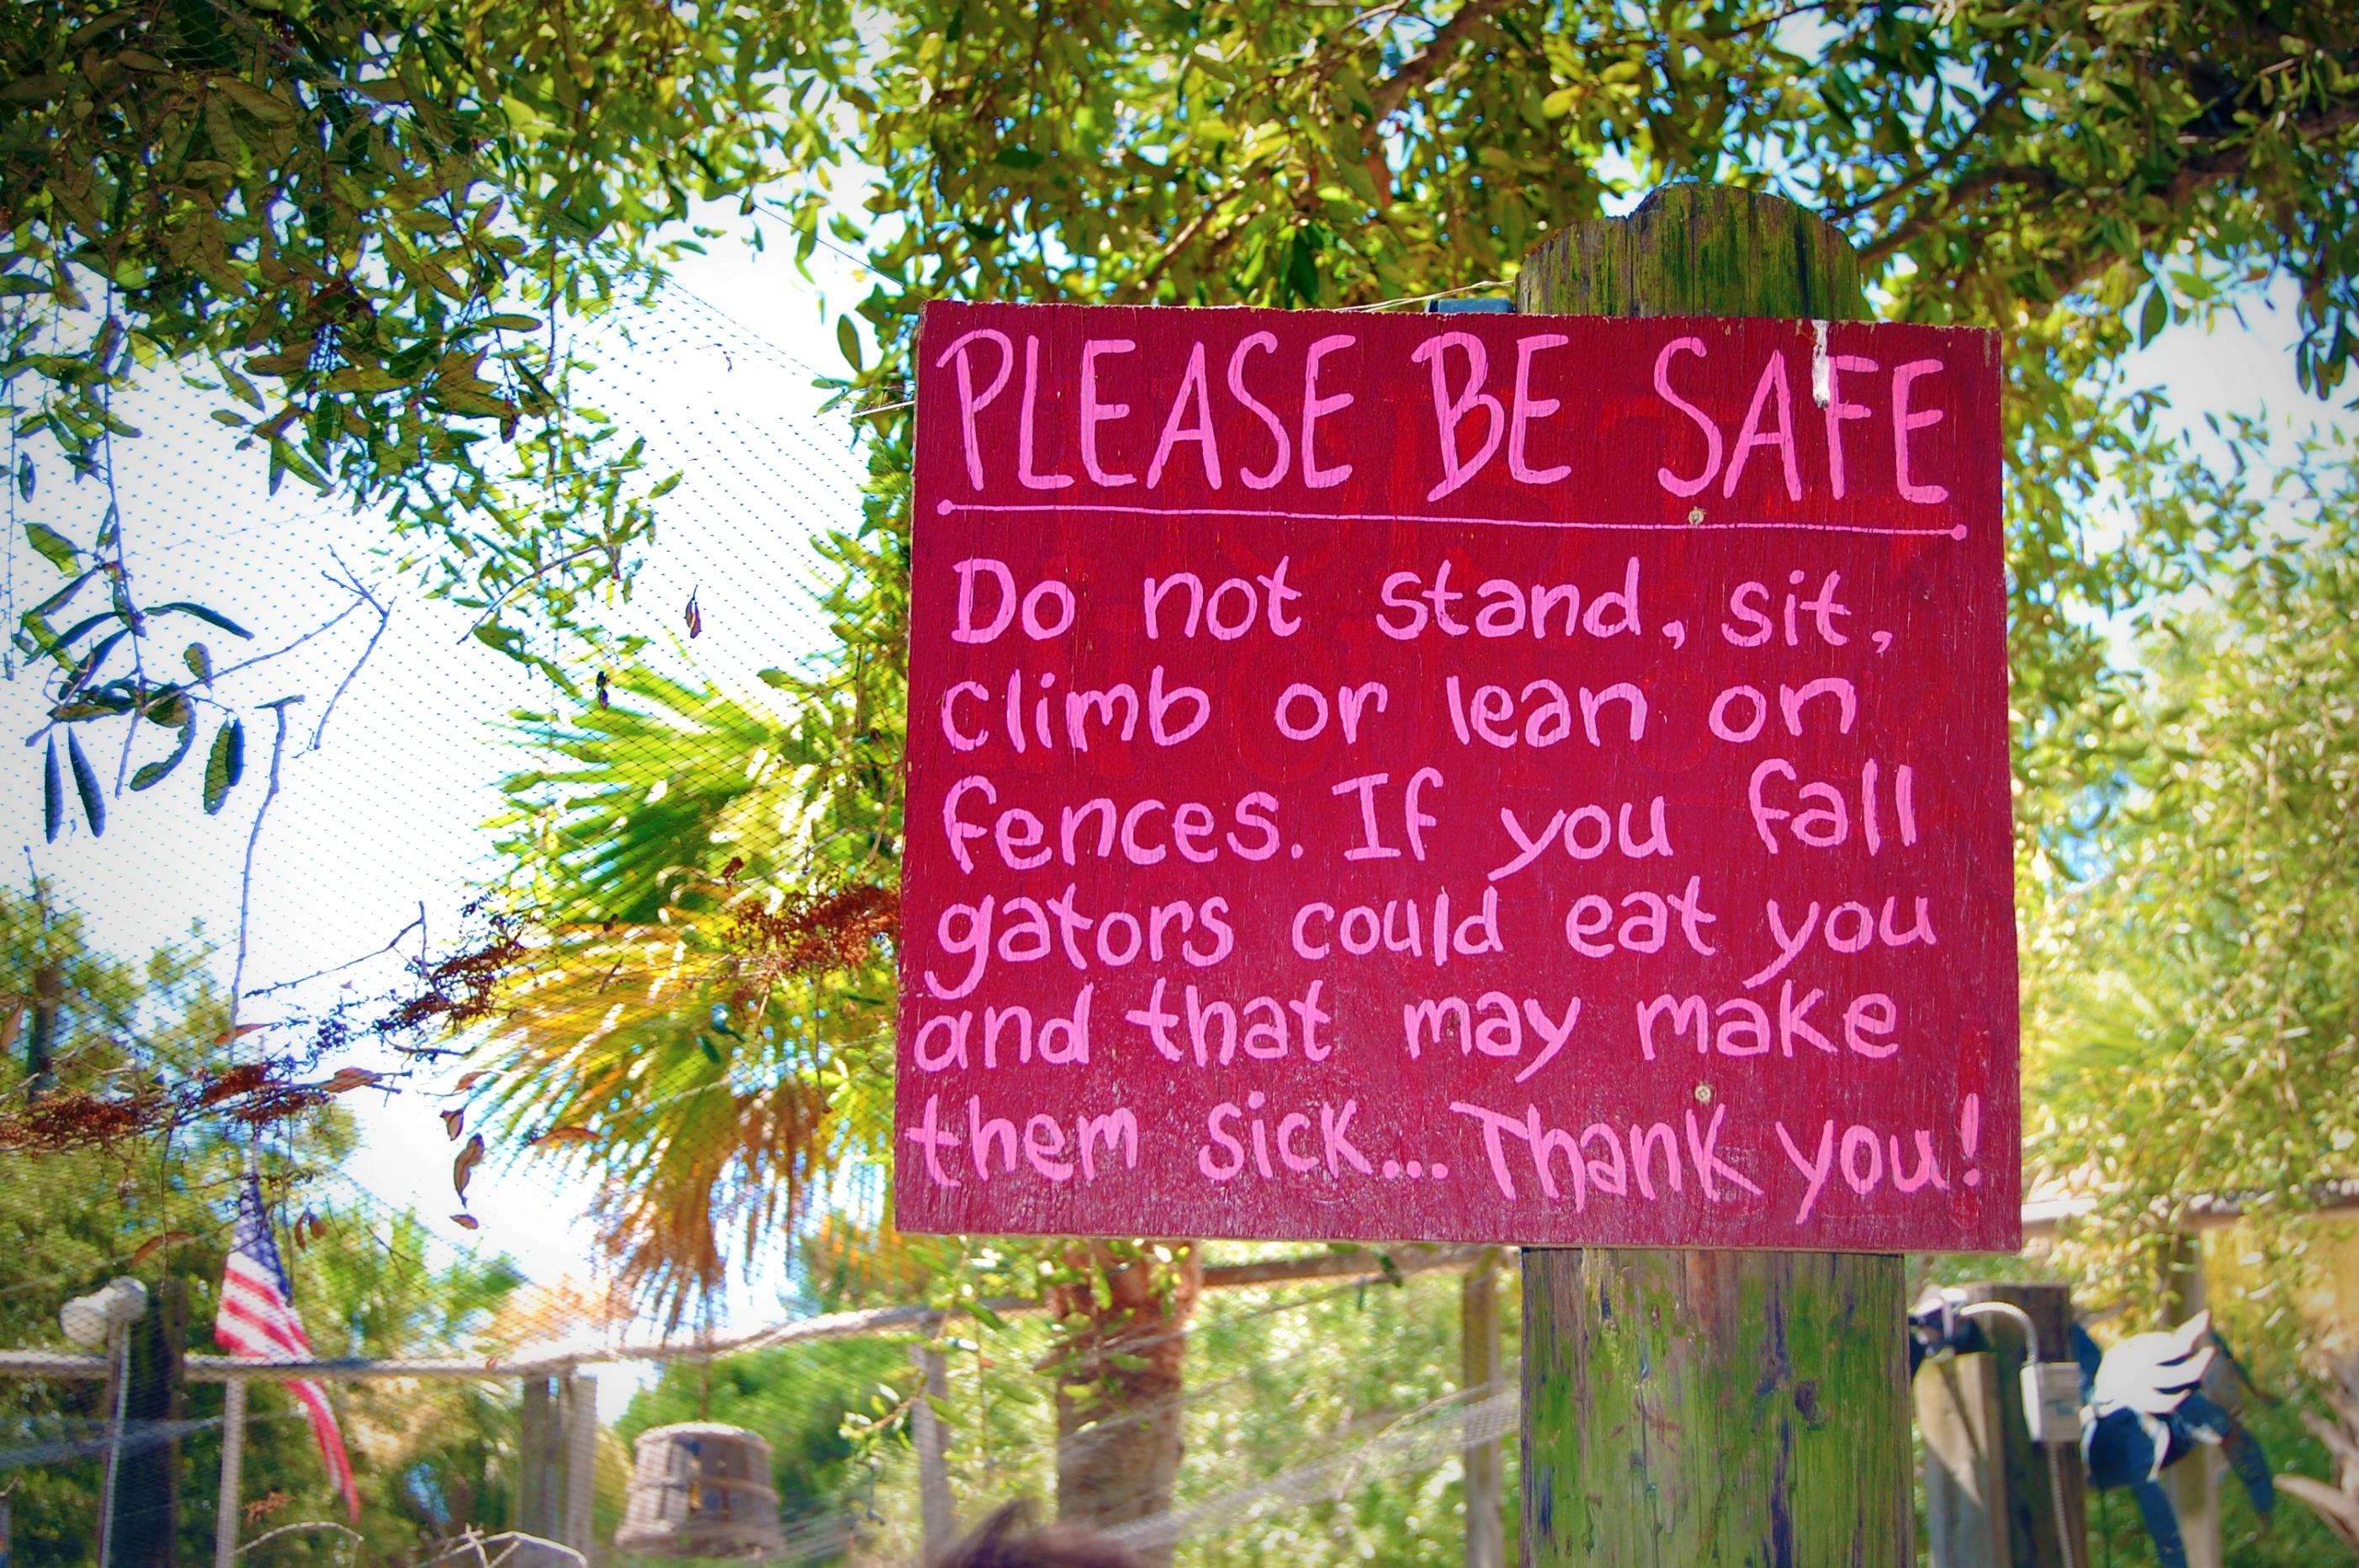 The Crab Shack gator warning